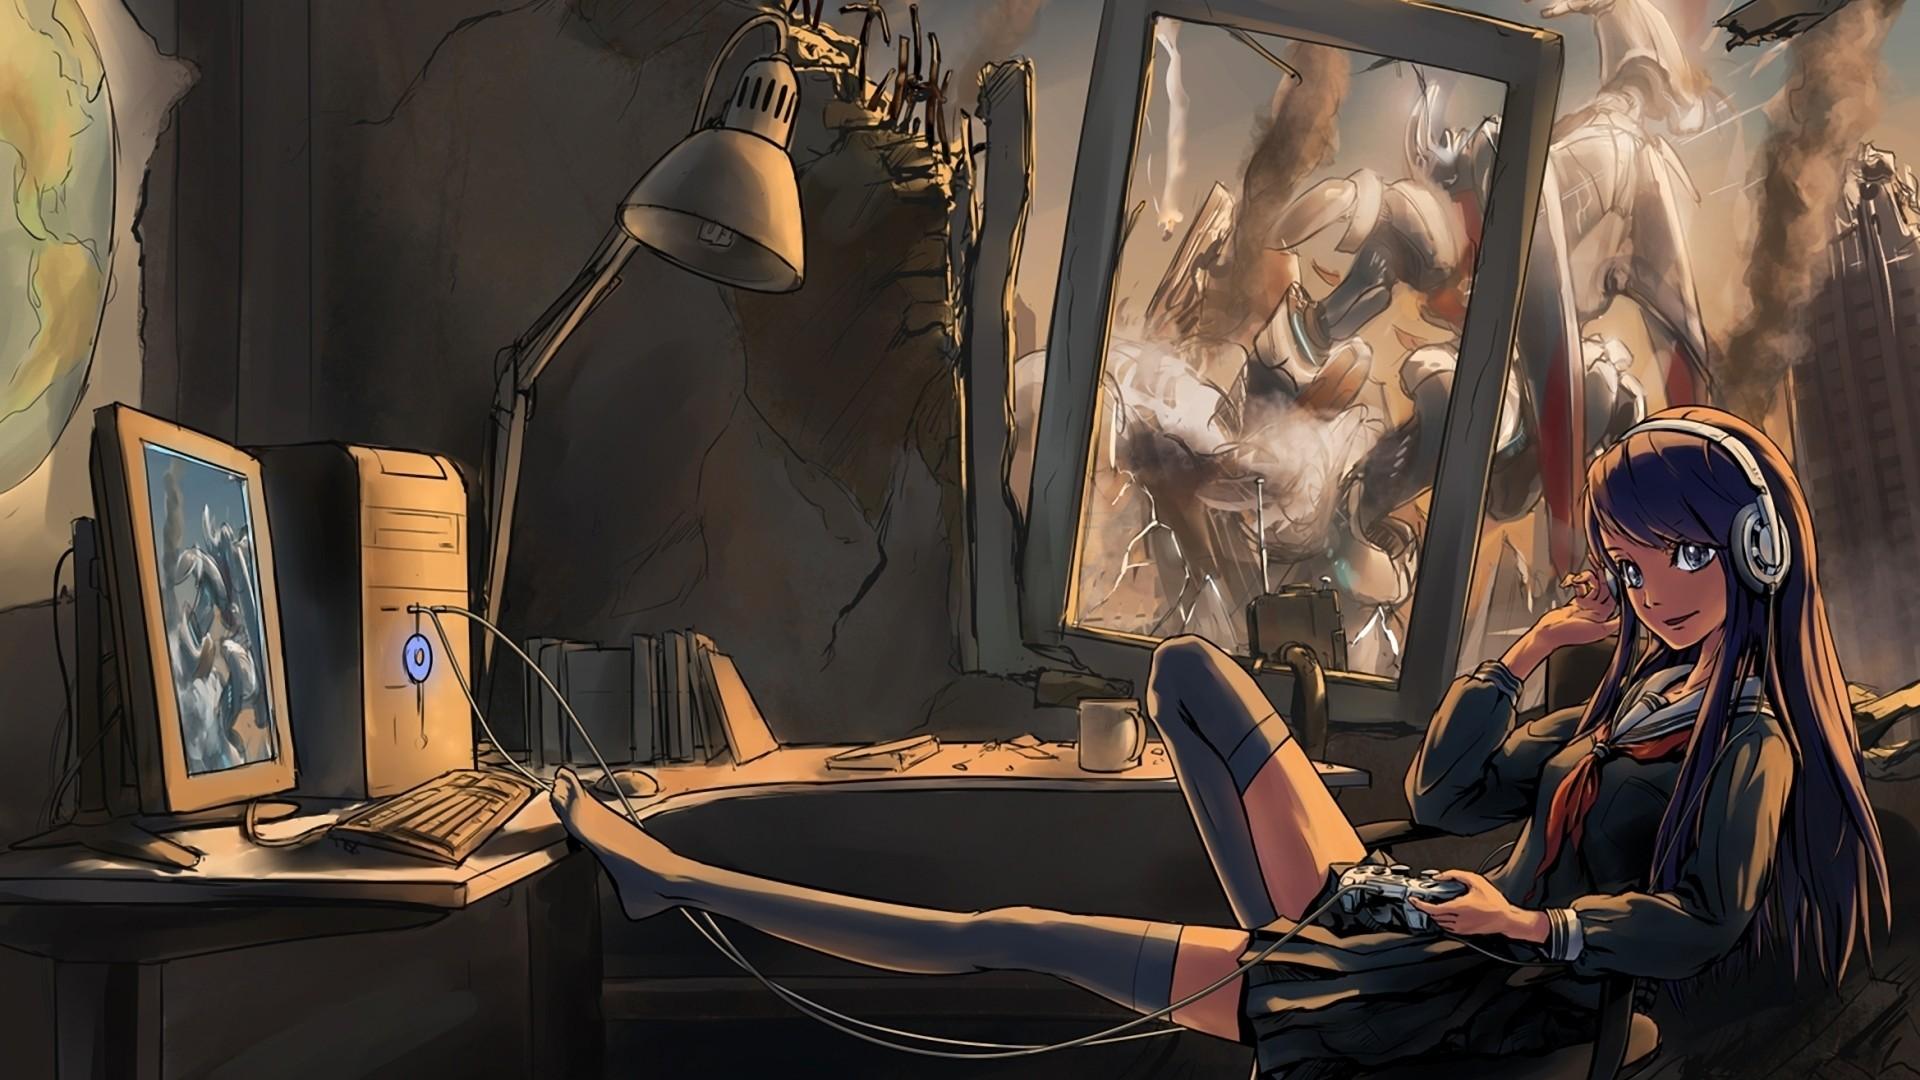 Anime gamer wallpaper 71 images - Portrait anime wallpaper ...